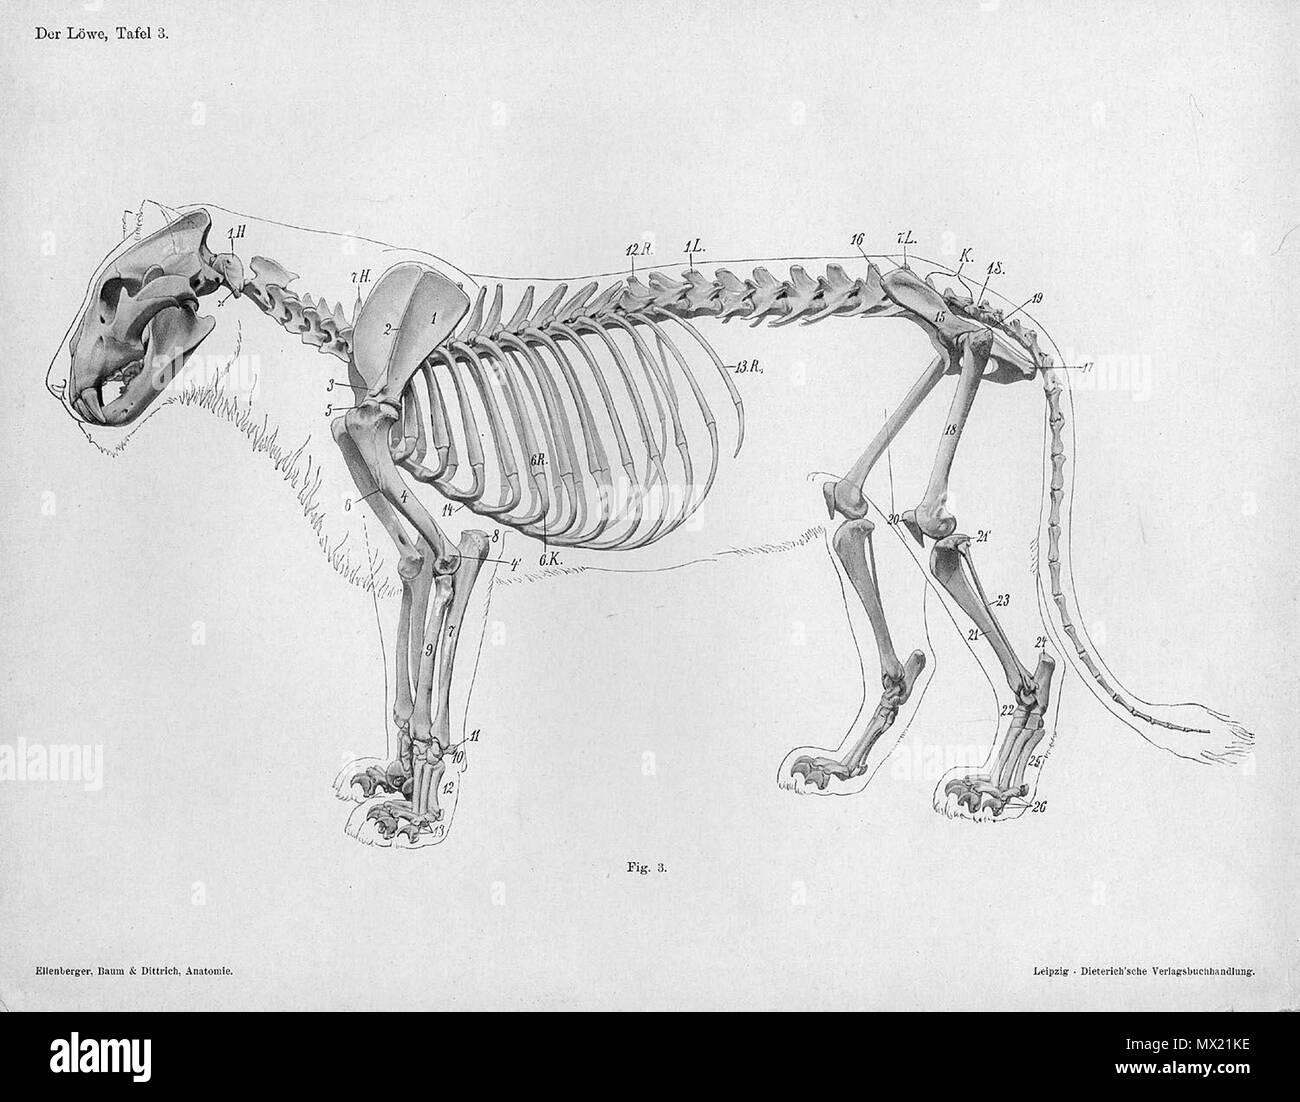 """. Anatómica Animal grabado de Handbuch der Anatomie der Tiere für Künstler"""" - Hermann Dittrich, Illustrator. 1889 y 1911-1925. Wilhelm Ellenberger y Hermann Baum 373 Lion anatomía esqueleto vista lateral Foto de stock"""